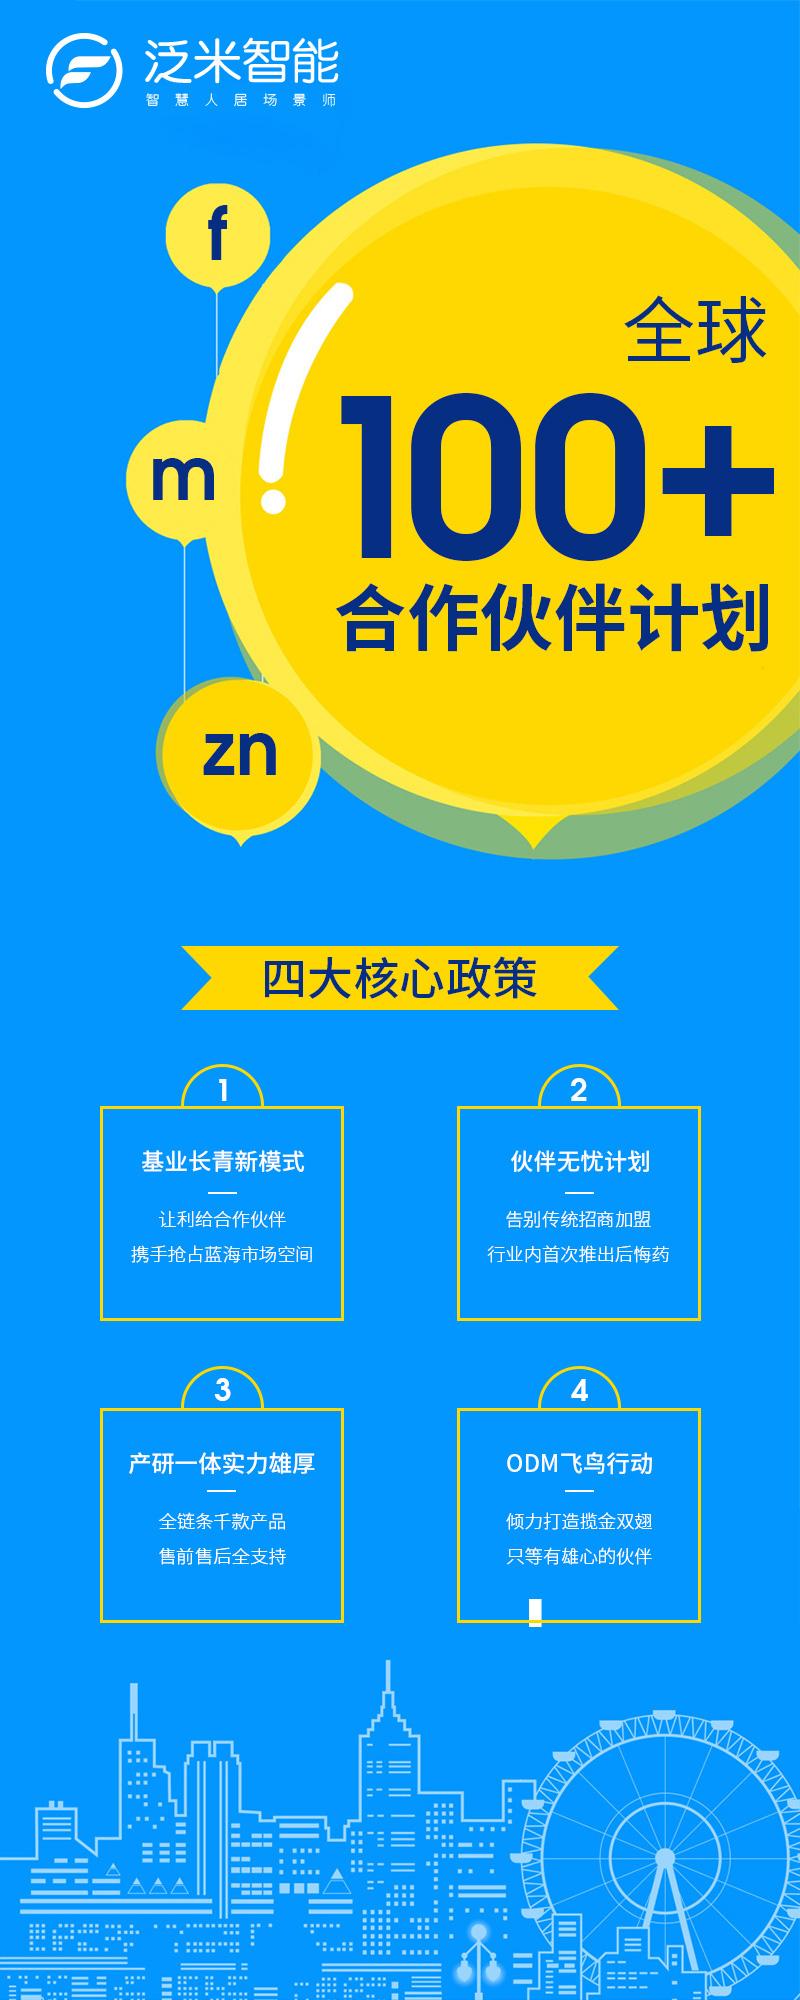 """新起点新征程 泛米智能发布""""全球100+合作伙伴""""计划"""